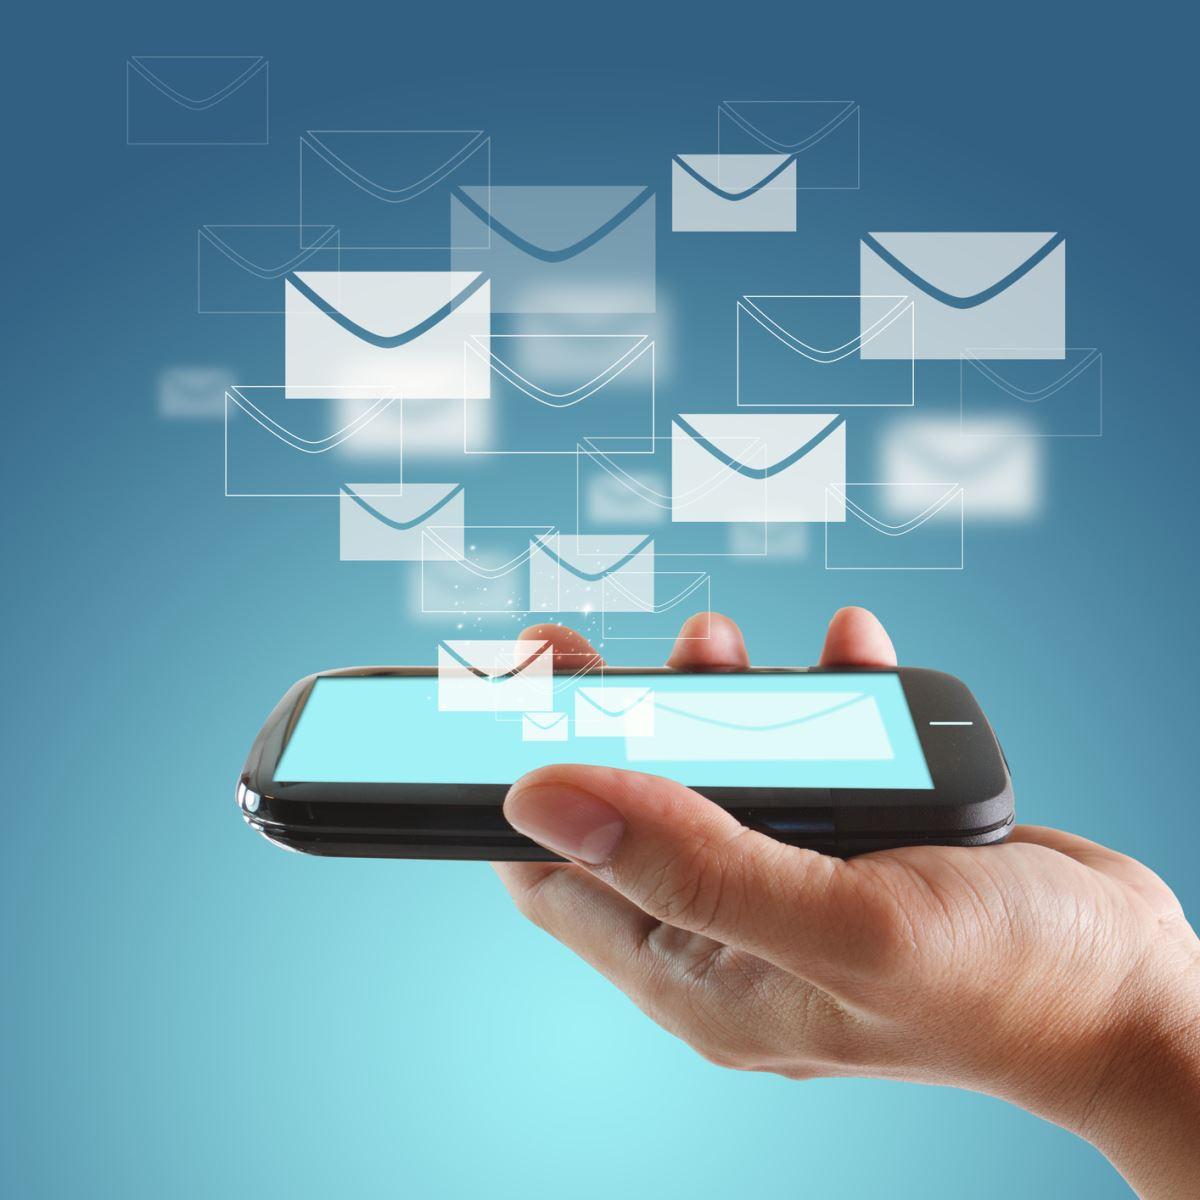 Mua mã thẻ điện thoại qua SMS